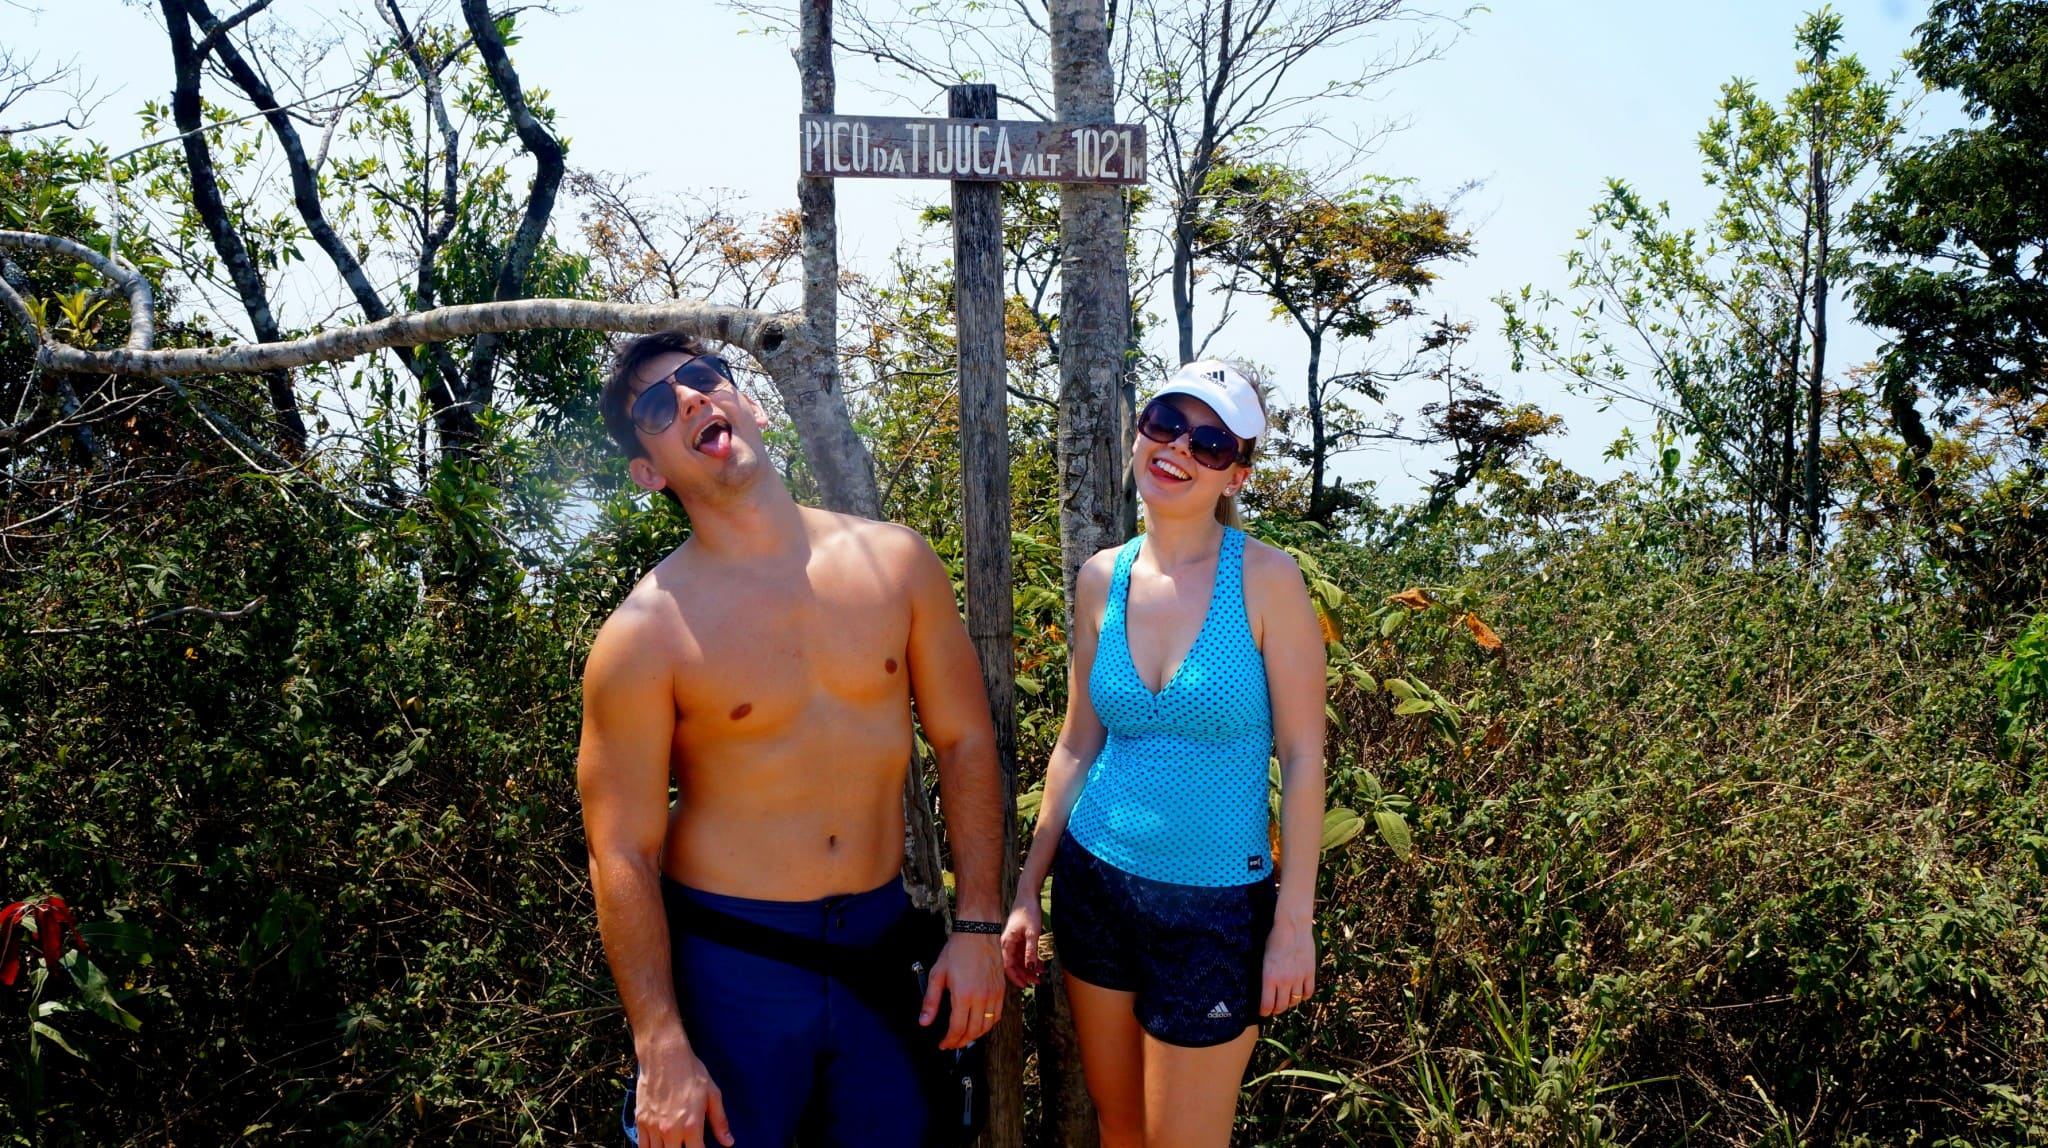 trilha na Floresta da Tijuca Pico da Tijuca